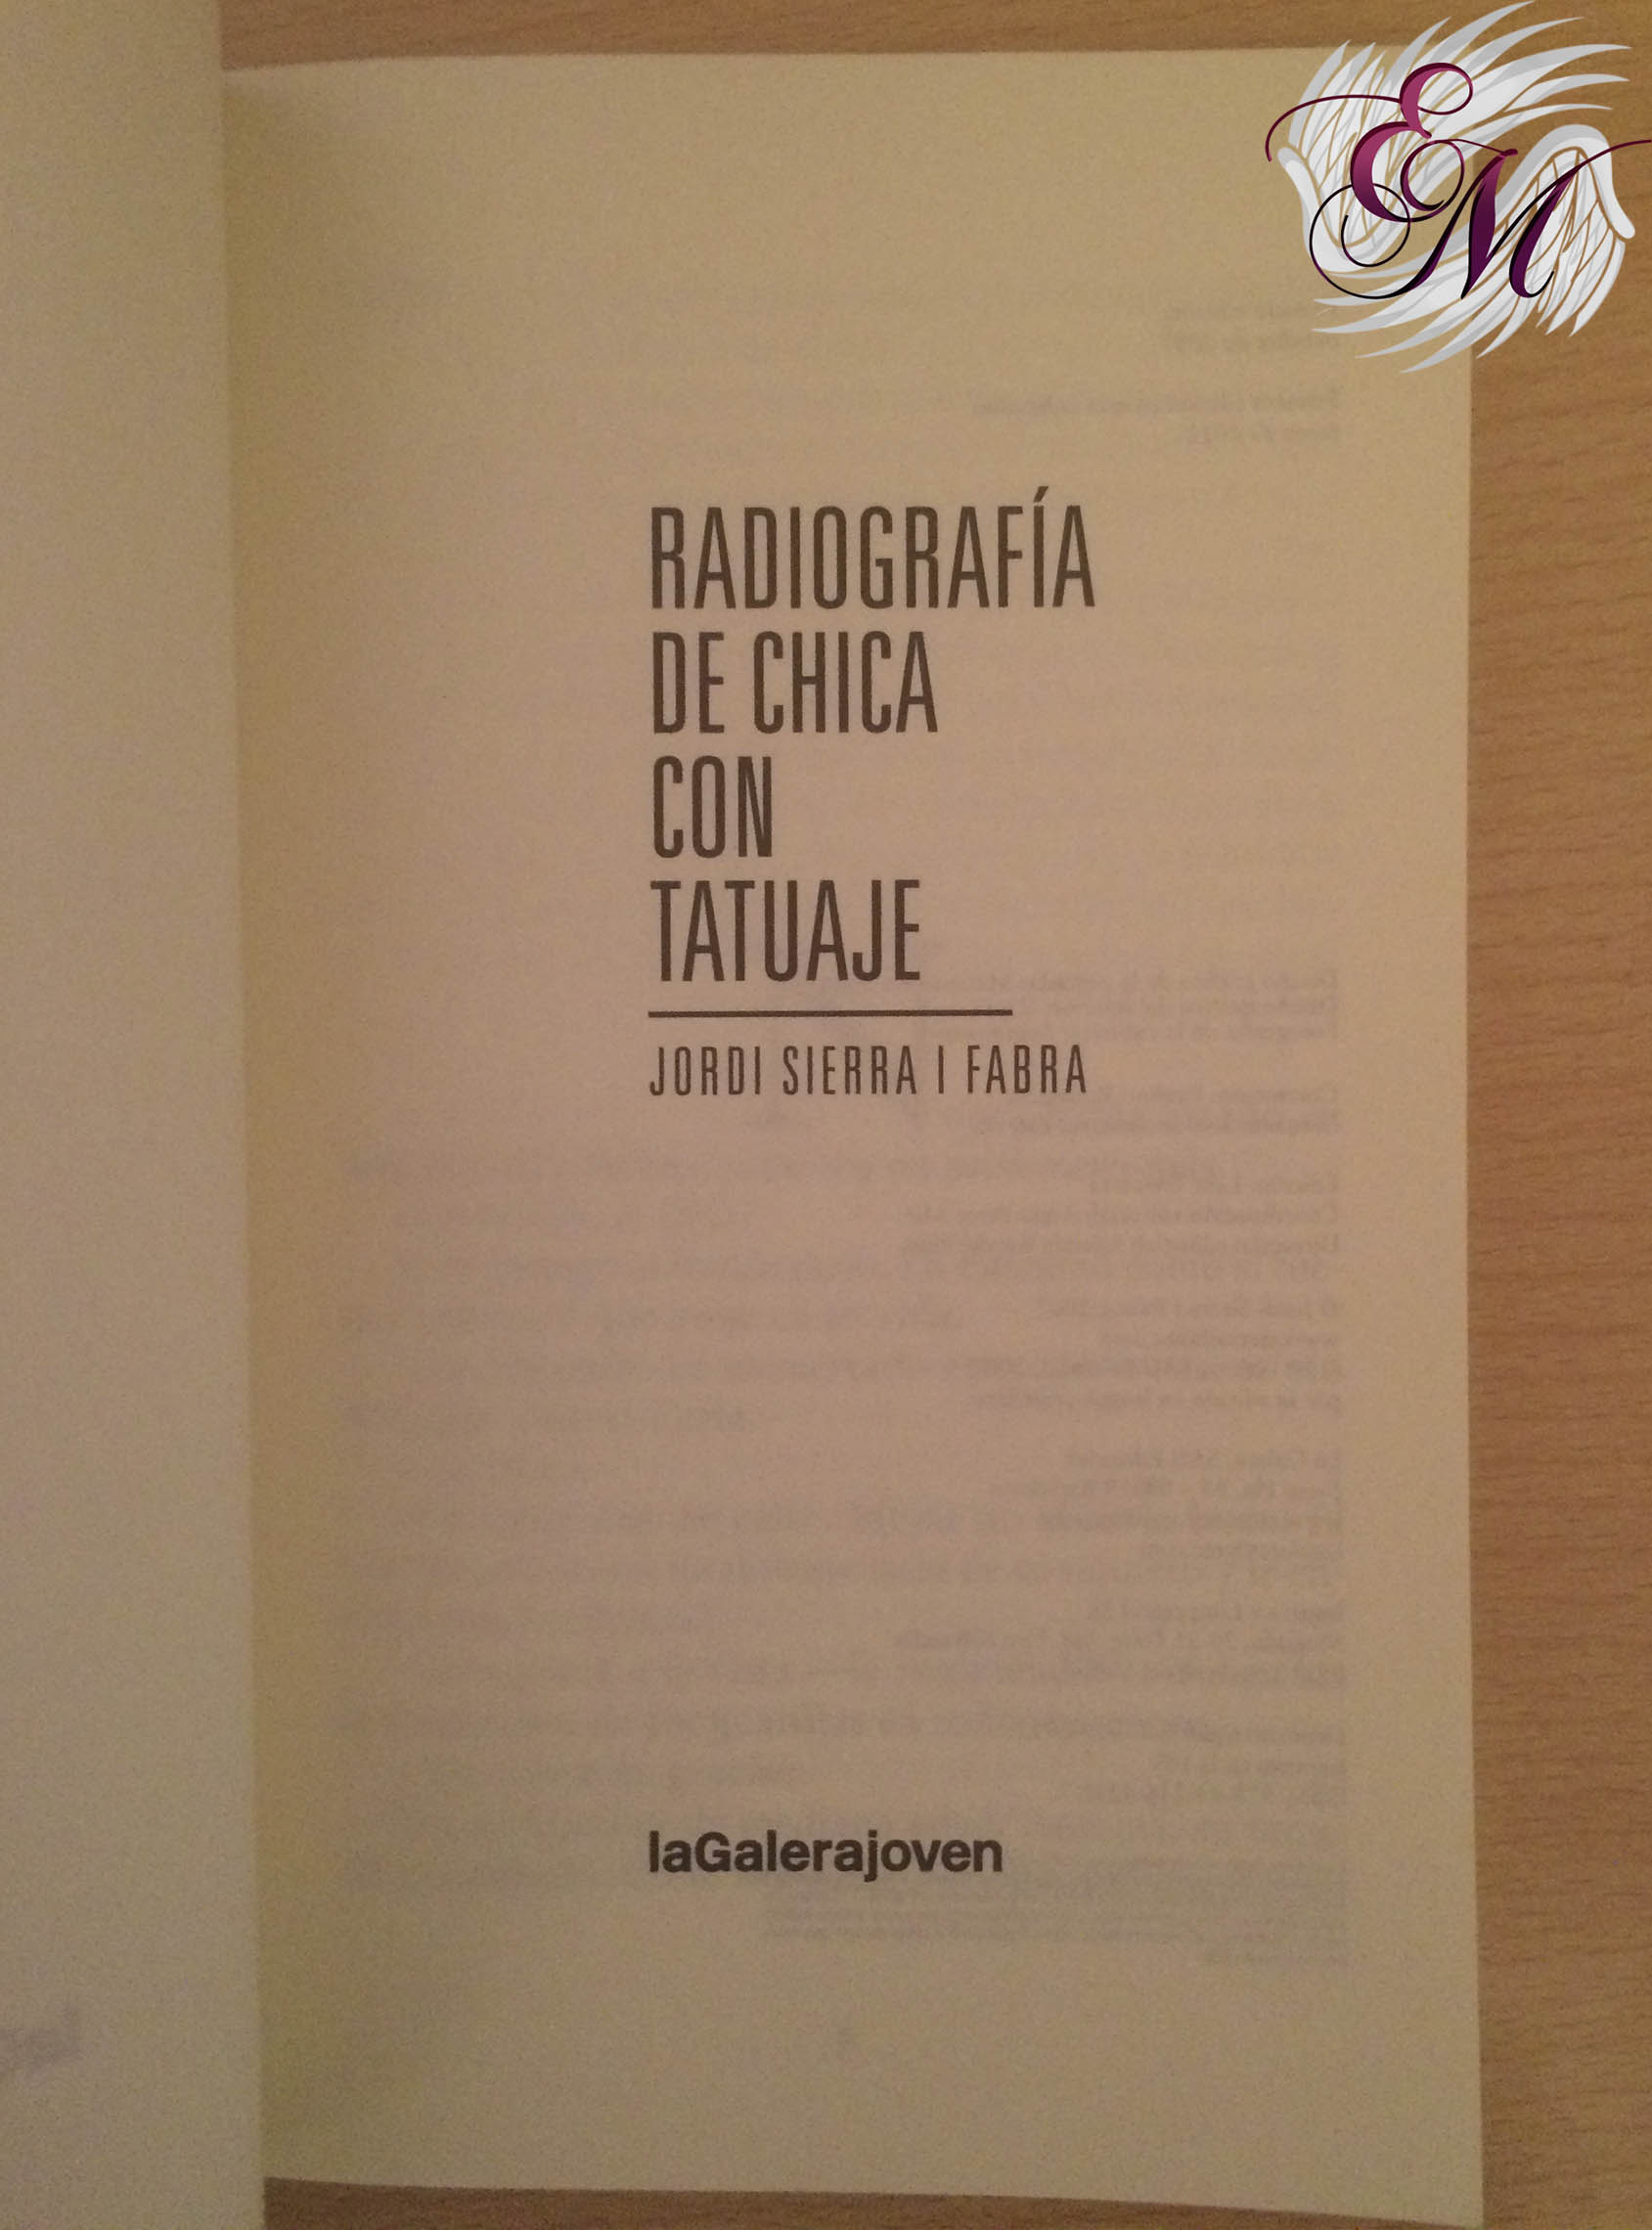 Radiografía de chica con tatuaje, de Jordi Sierra i Fabra - Reseña